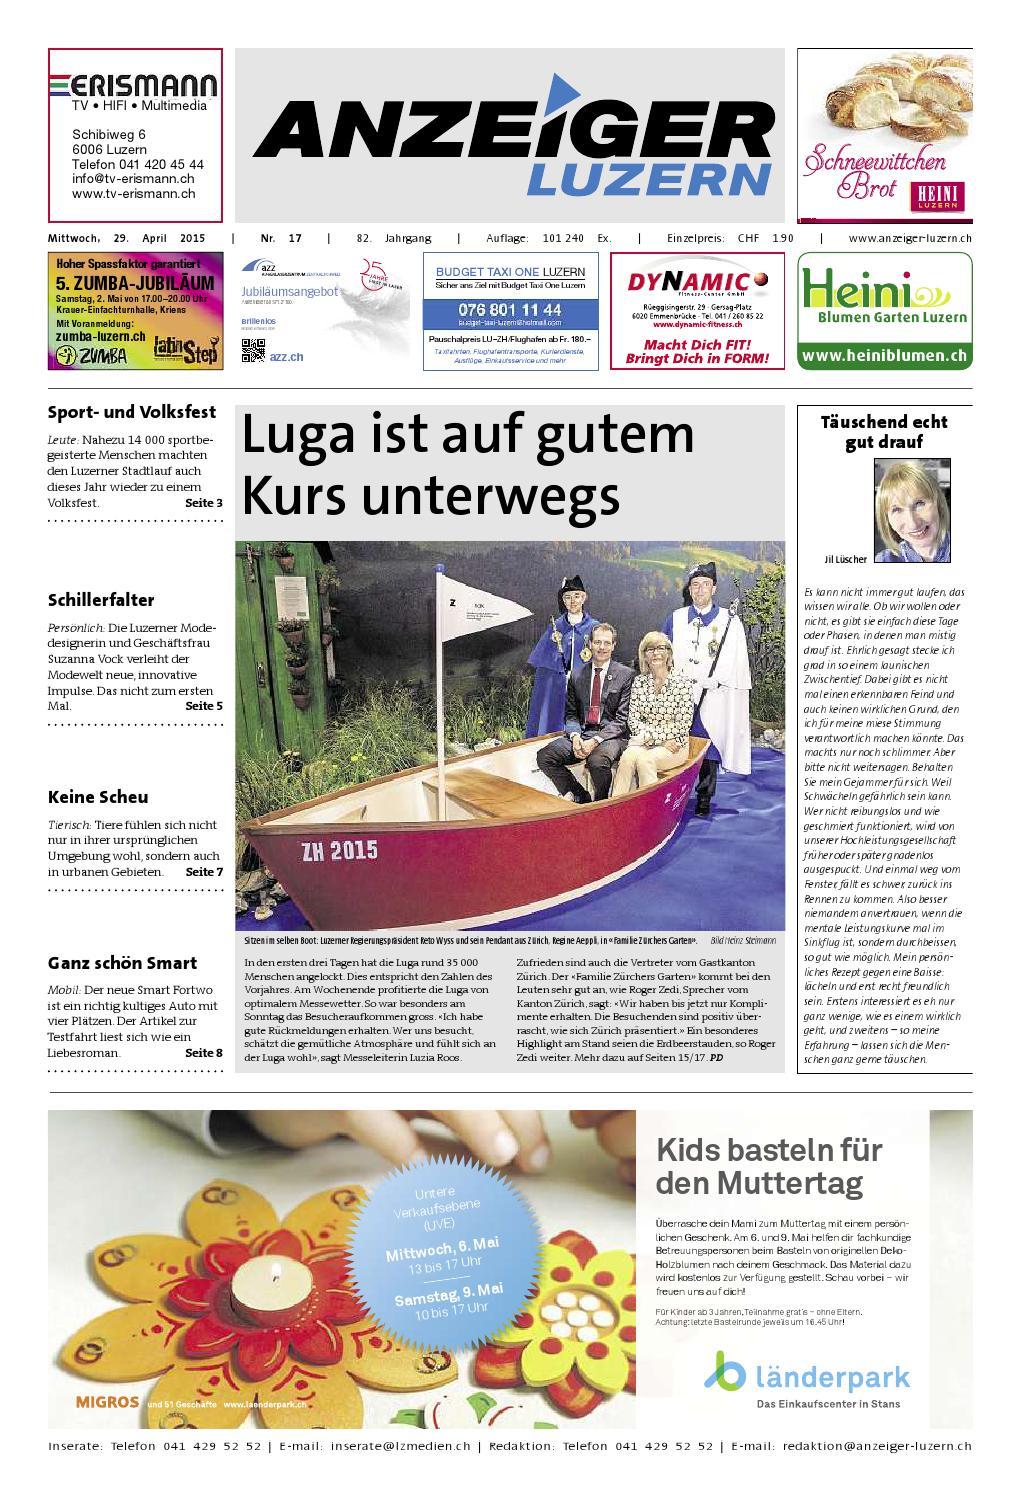 Anzeiger Luzern 17 / 29.04.2015 by Anzeiger-Luzern - issuu